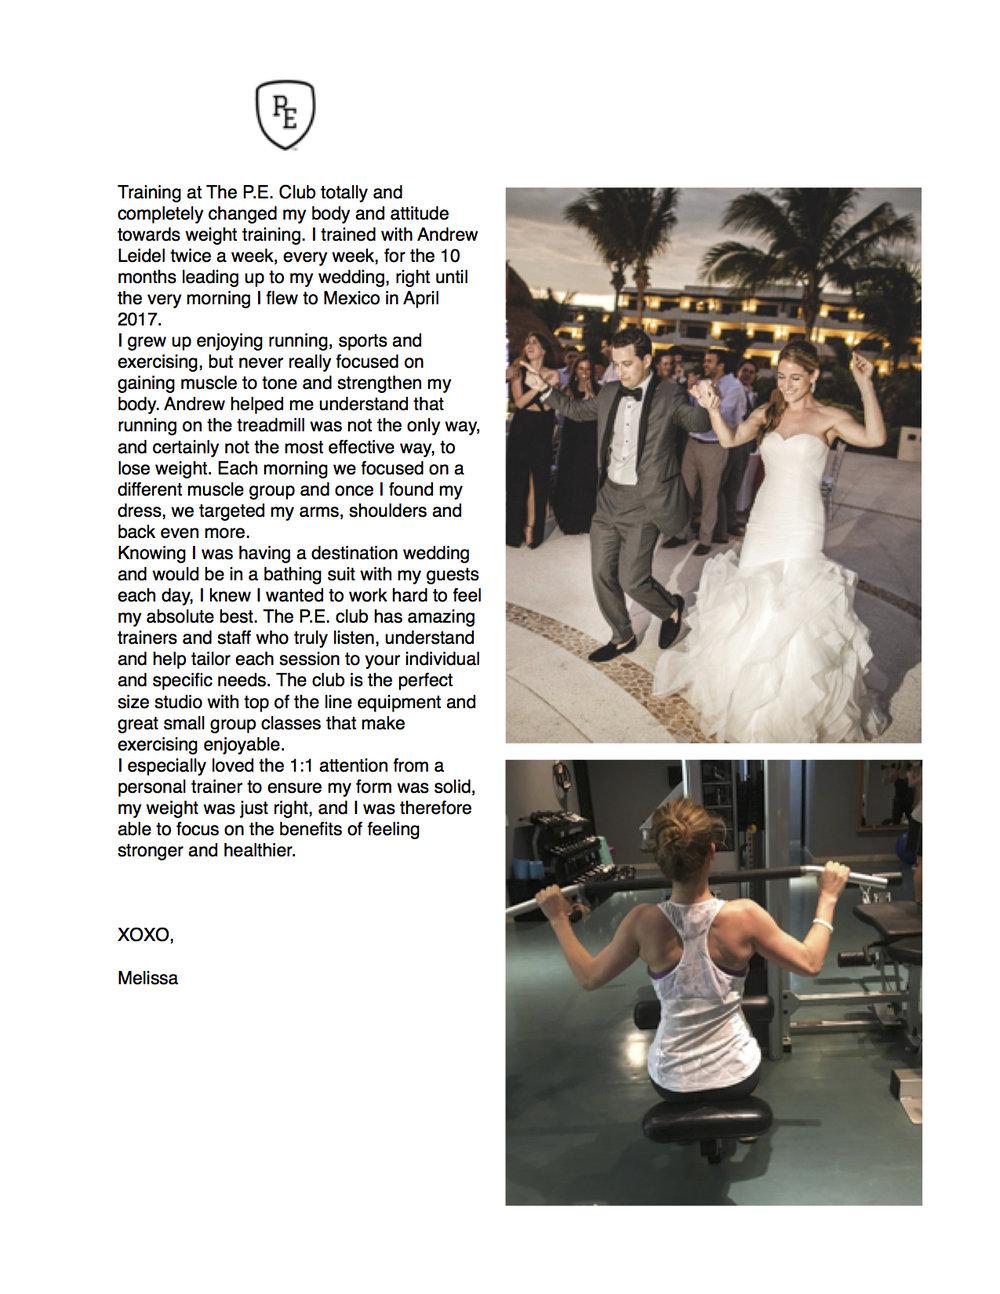 Melissa Shanker Kersner Testimonialjpeg.jpg